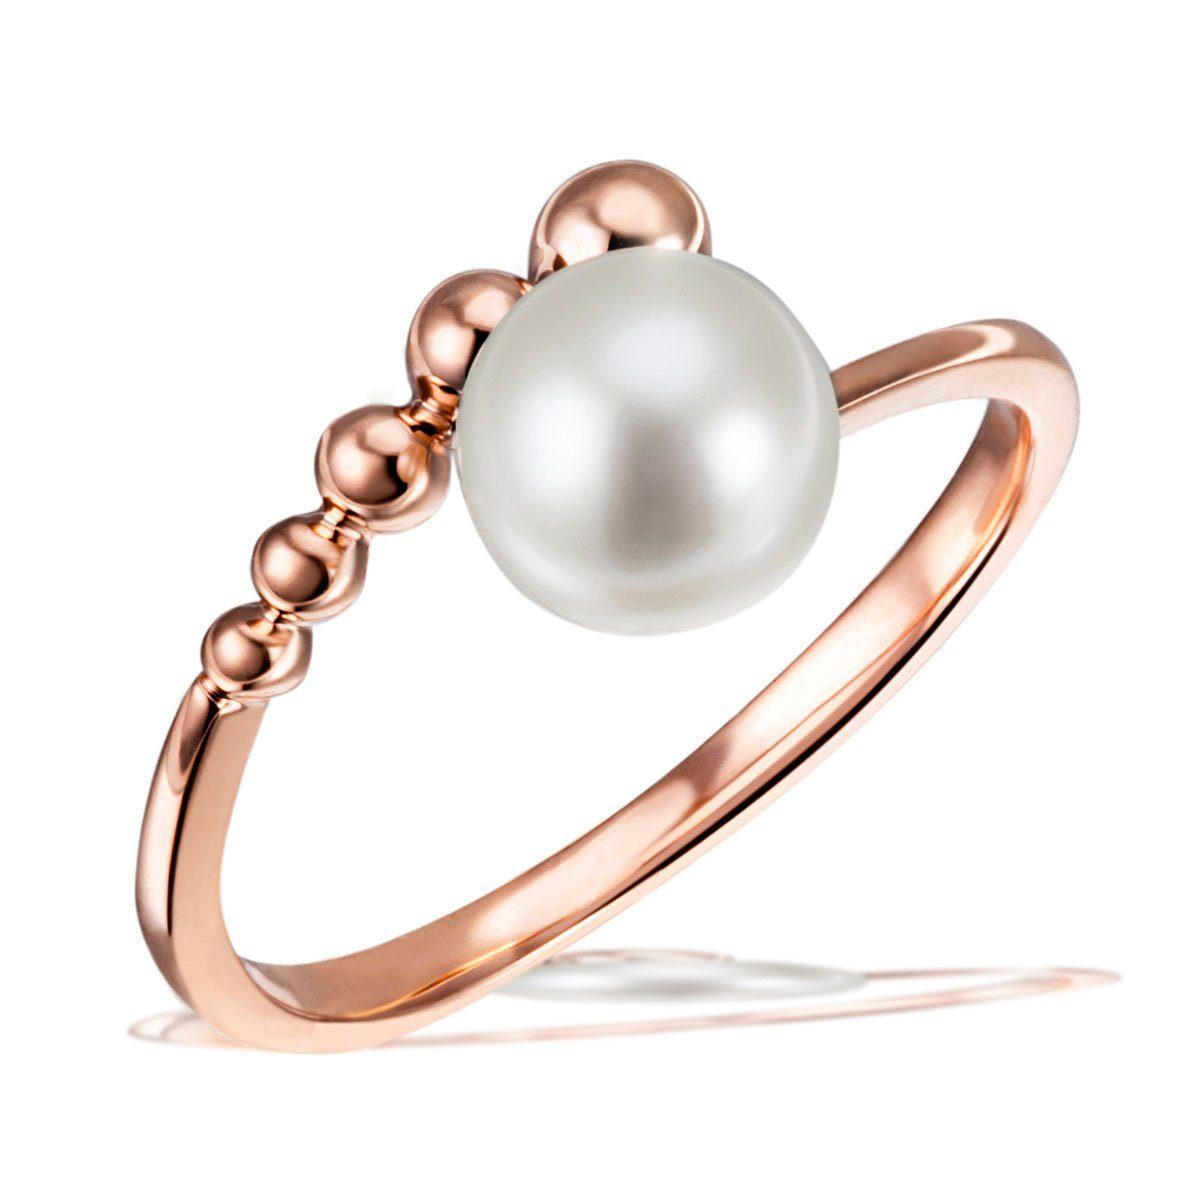 Ring Damenring mit weißer Süßwasser Perle 7-7,5mm Perlenring aus 925 Silber